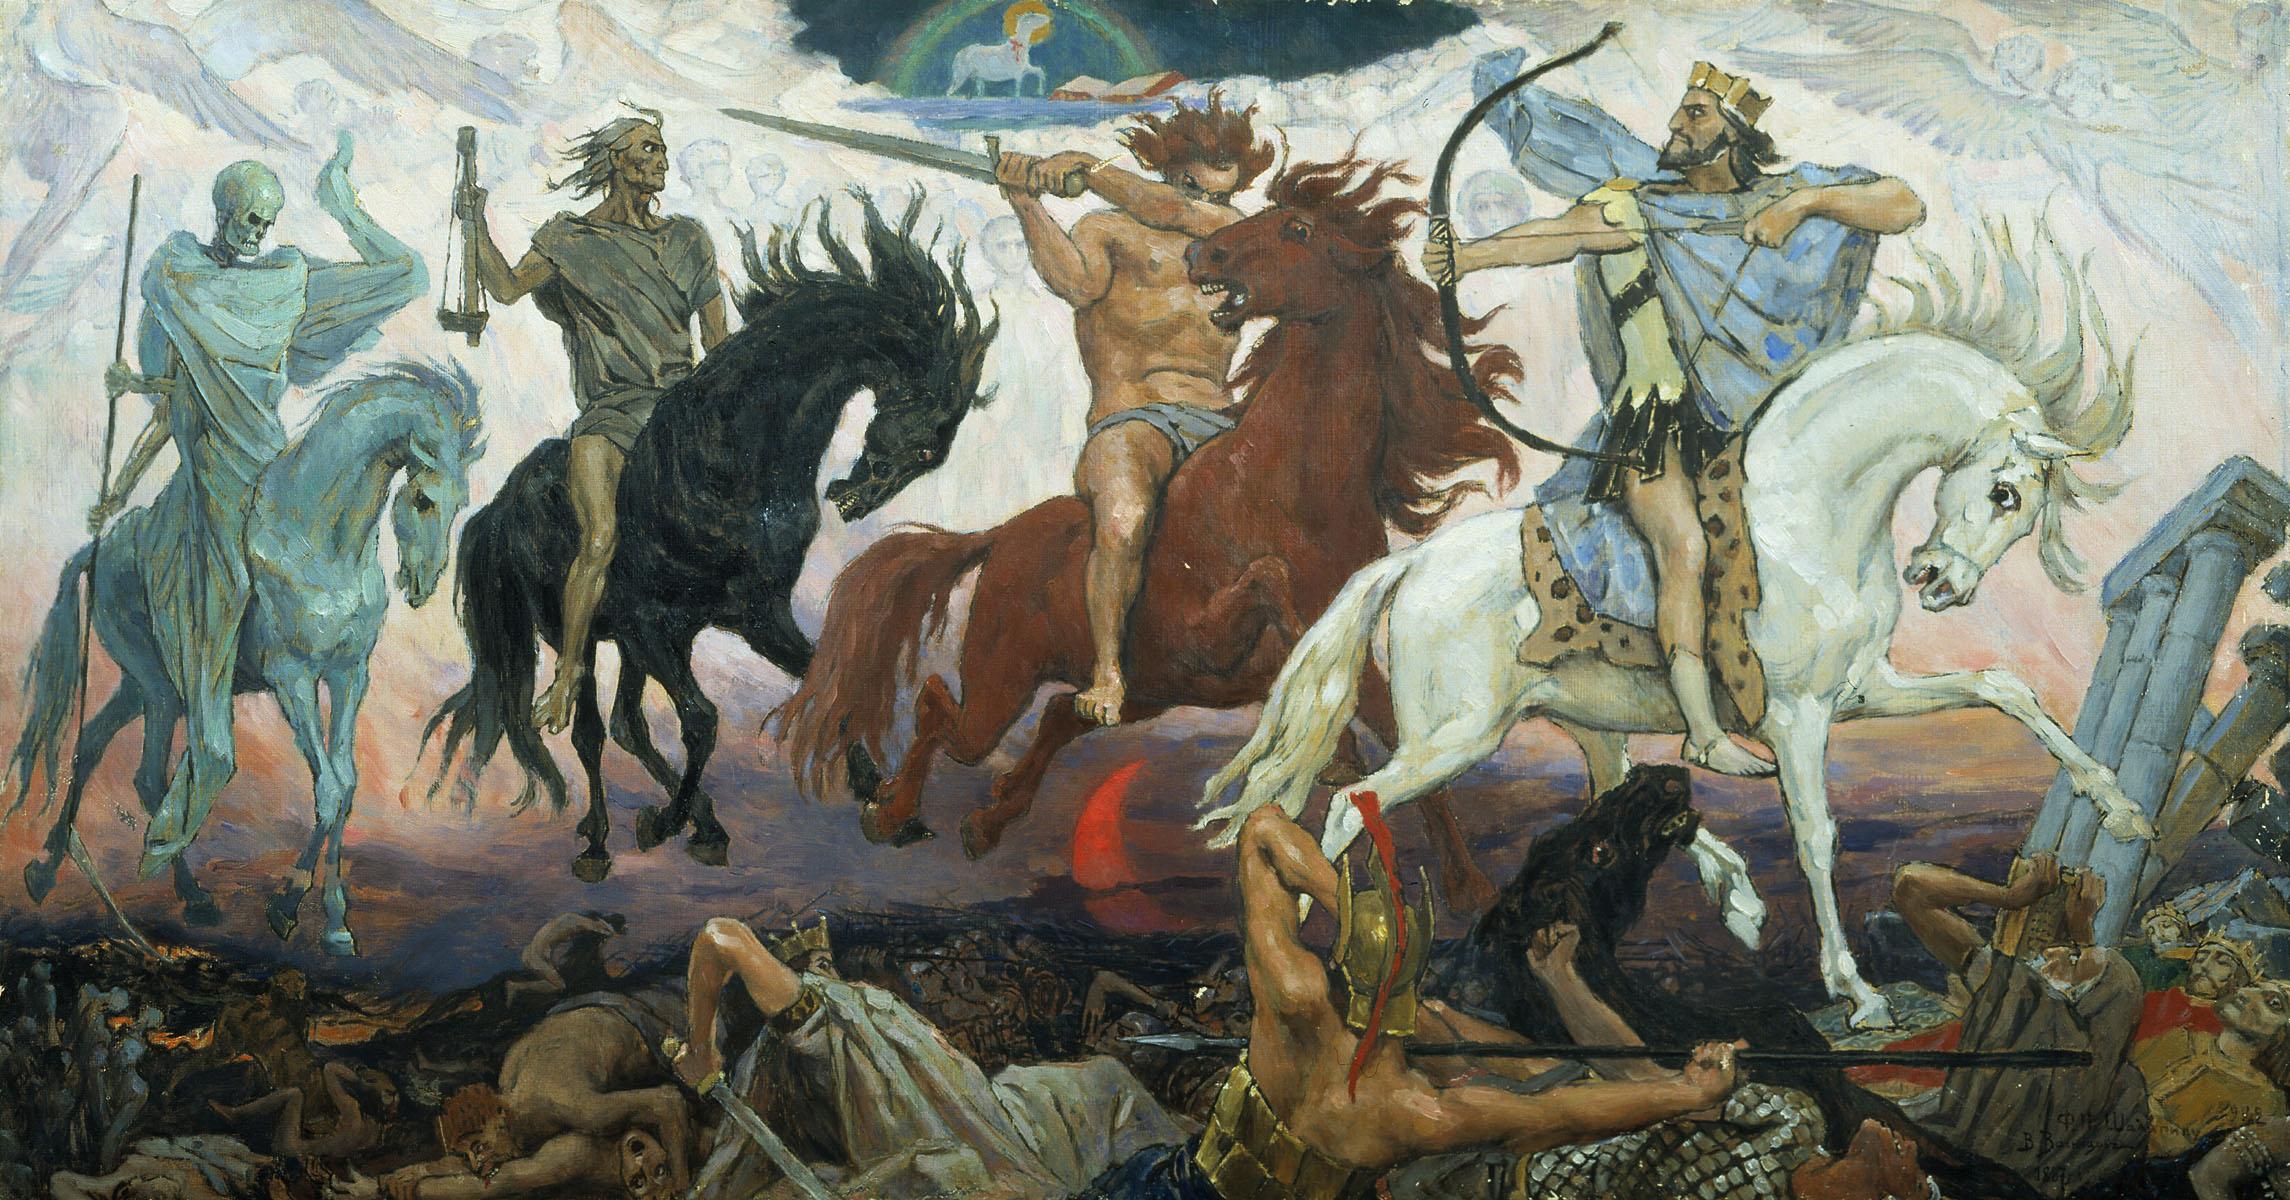 Los cuatro Jinetes del Apocalipsis que según la Biblia aportarían grandes males a la humanidad. De izquierda a derecha: la muerte, el hambre, la guerra y la enfermedad. Pintura de Viktor Vasnetsov (1887).